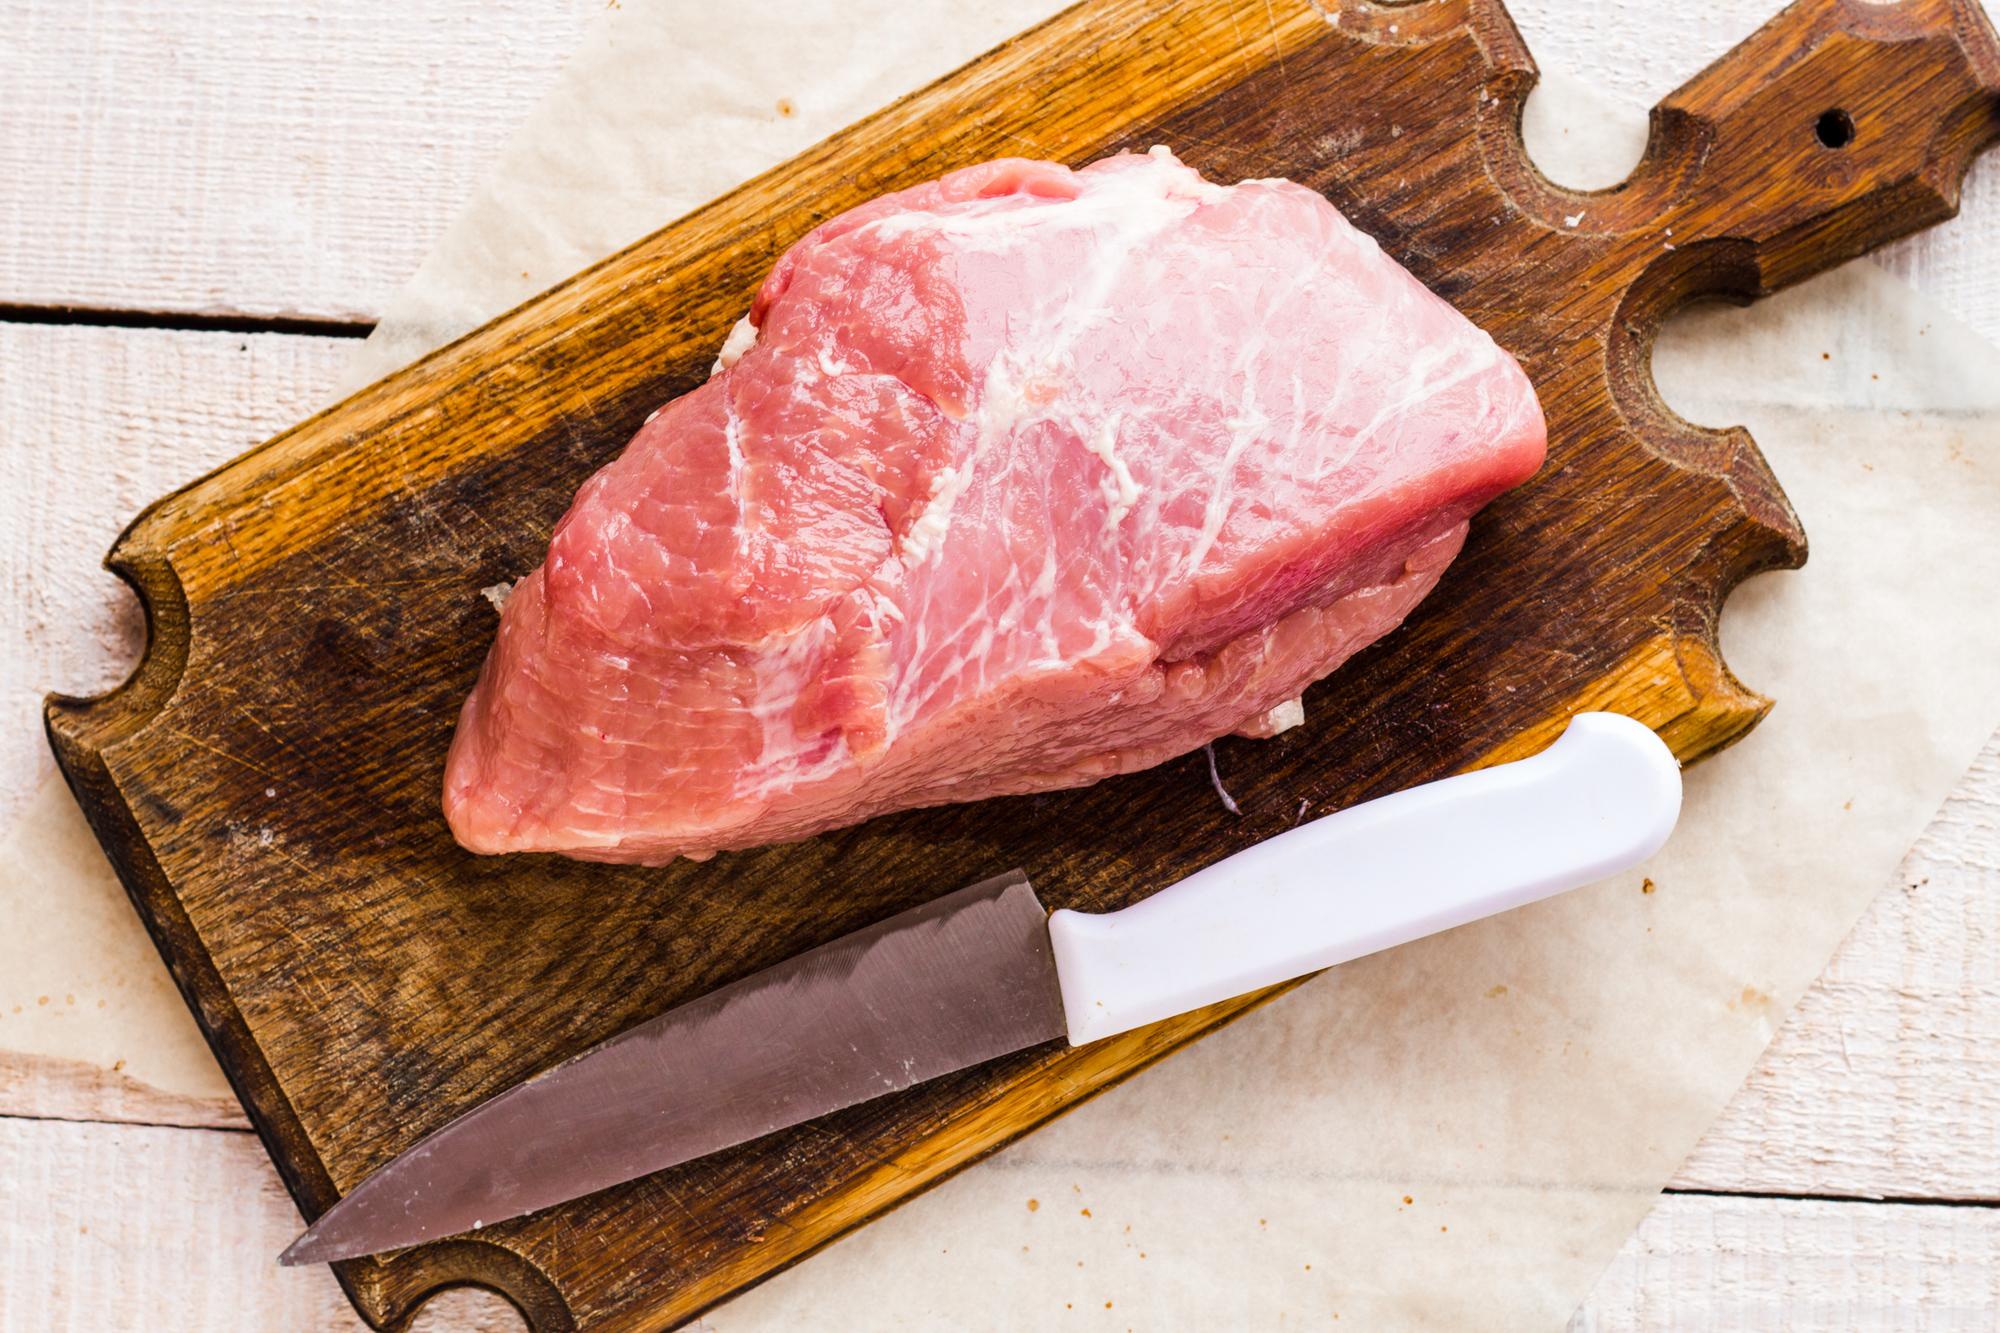 土用丑の日はウナギ、は古い!今年からは豚肉を食べよう